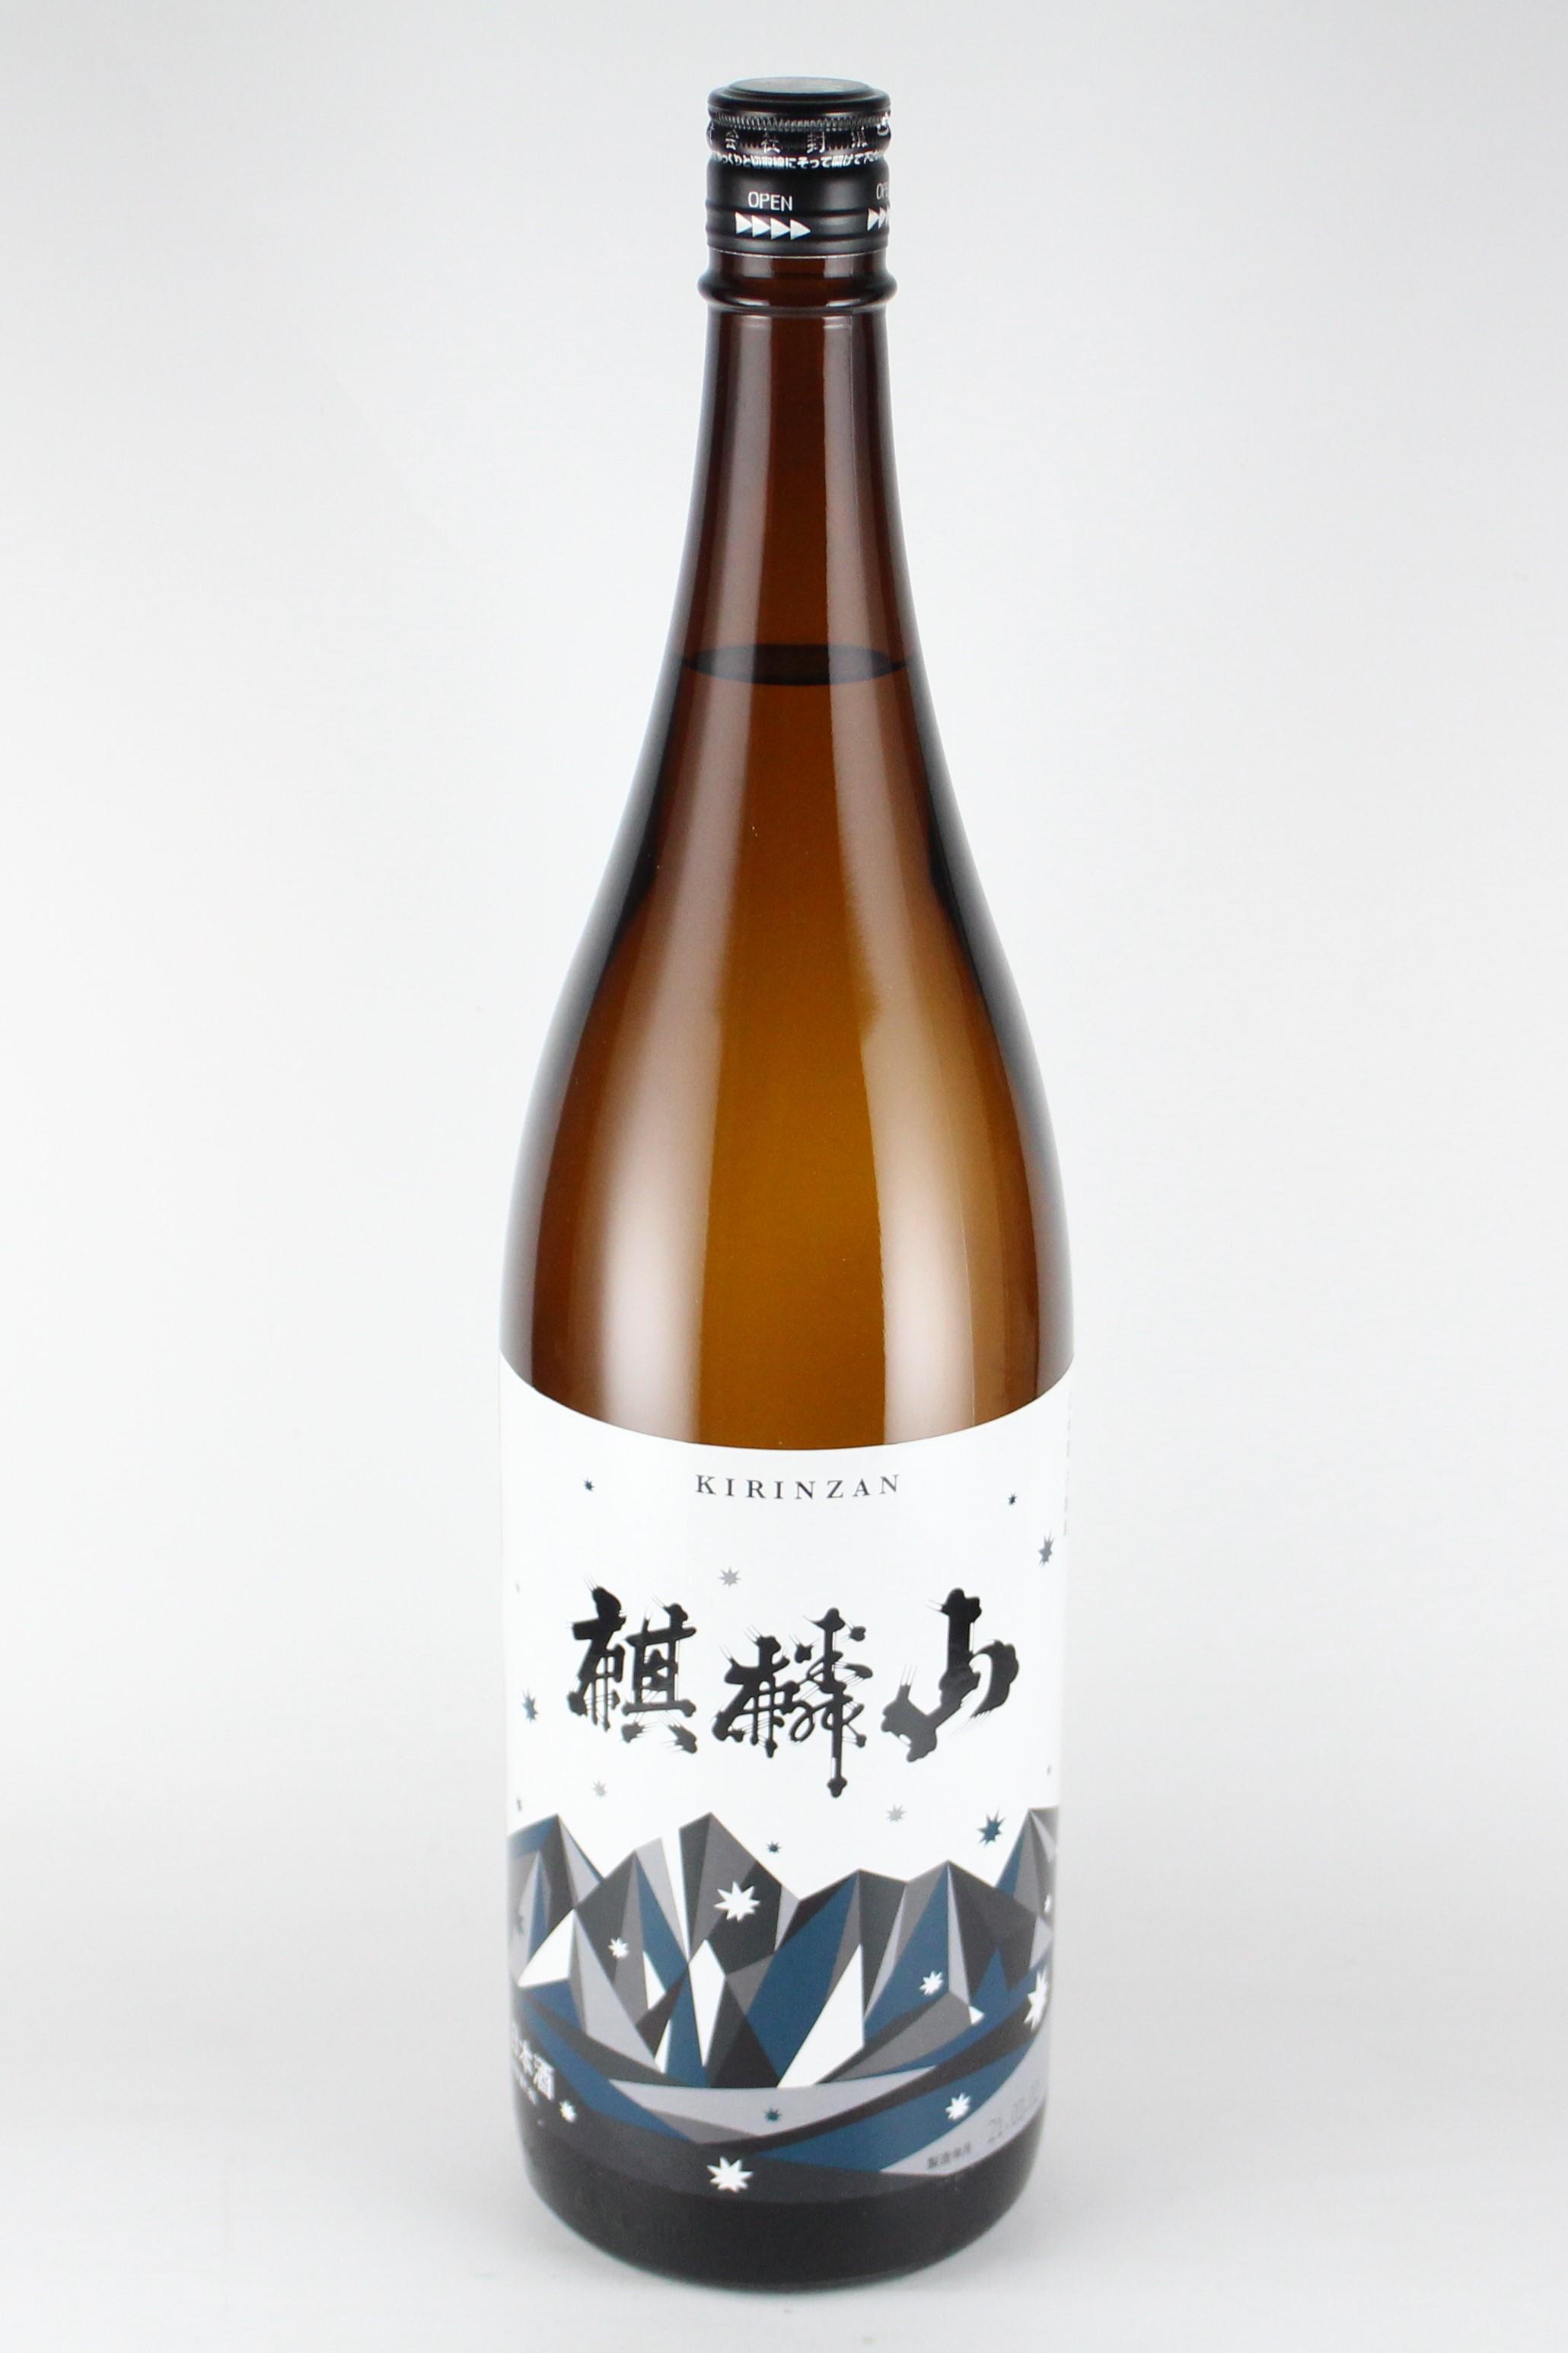 麒麟山 超辛口 1800ml 【新潟/麒麟山酒造】(辛口×辛口)